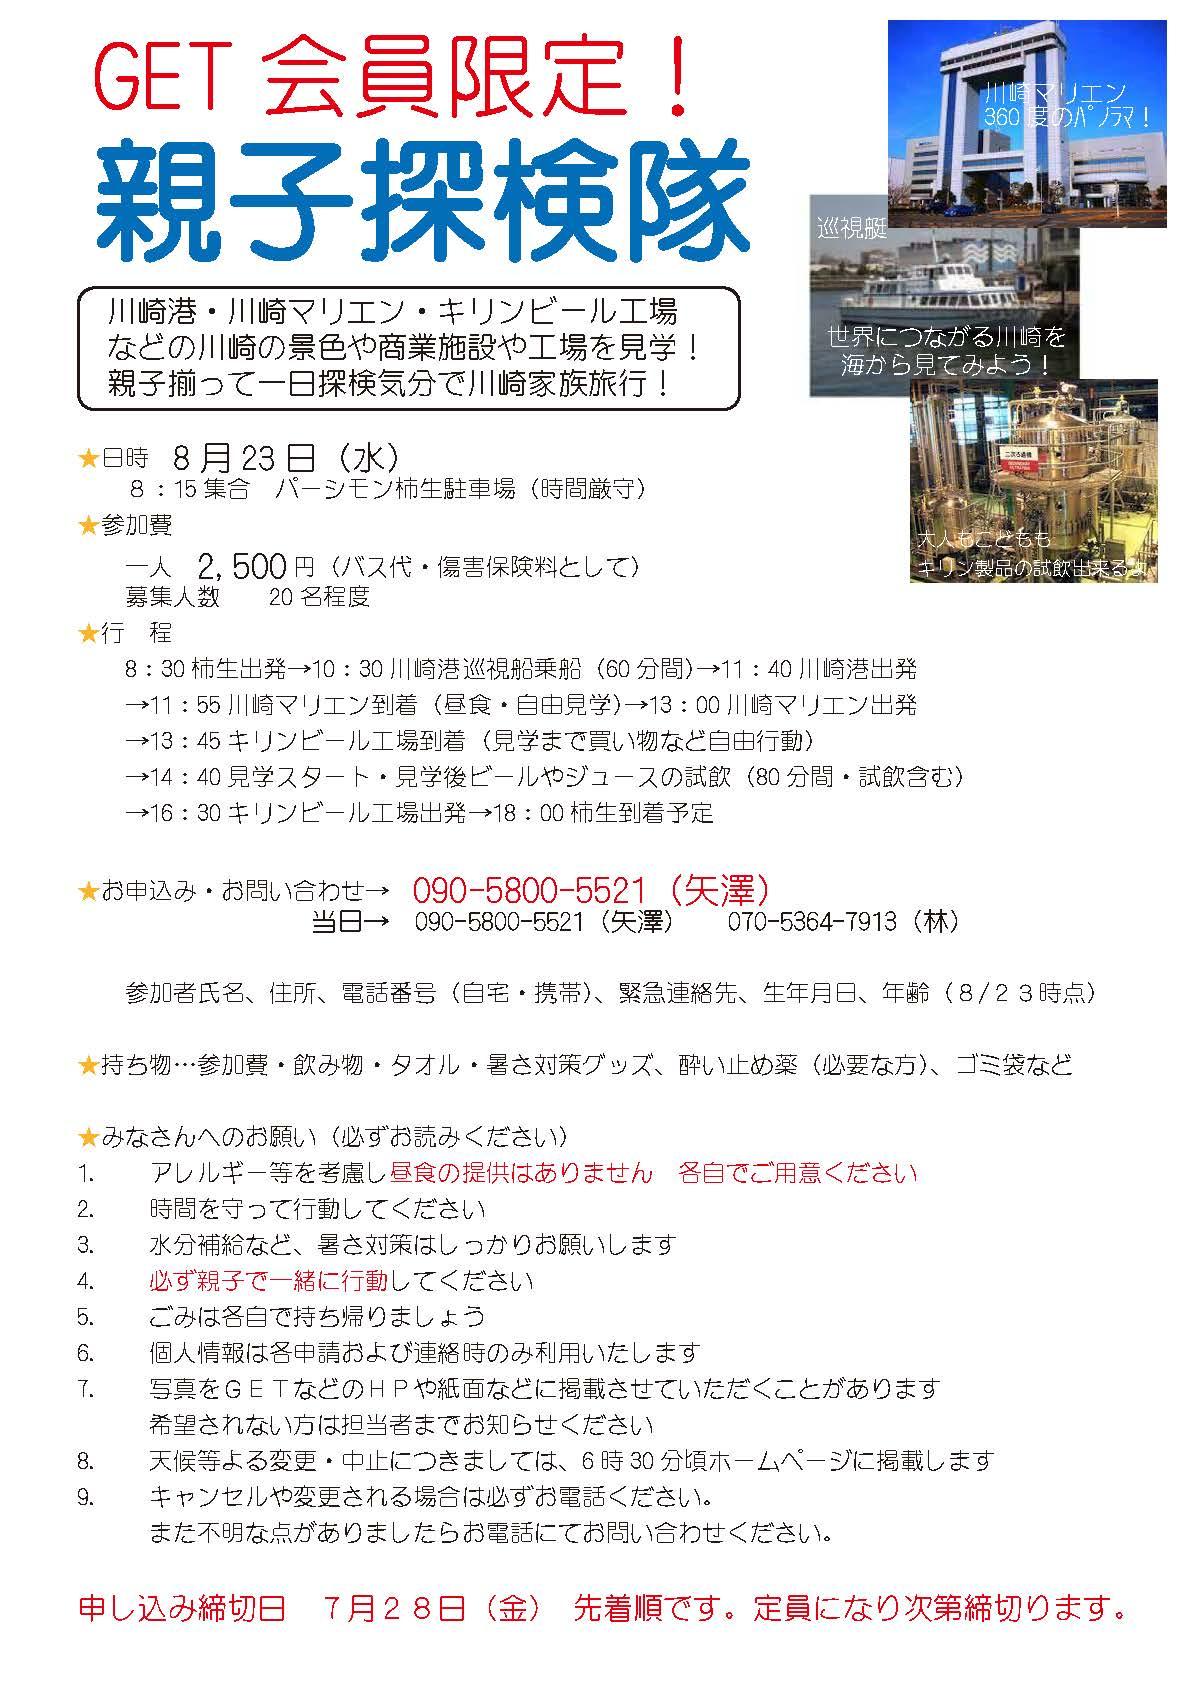 会員限定 親子探検隊in川崎(夏のプチ旅行)受付開始!